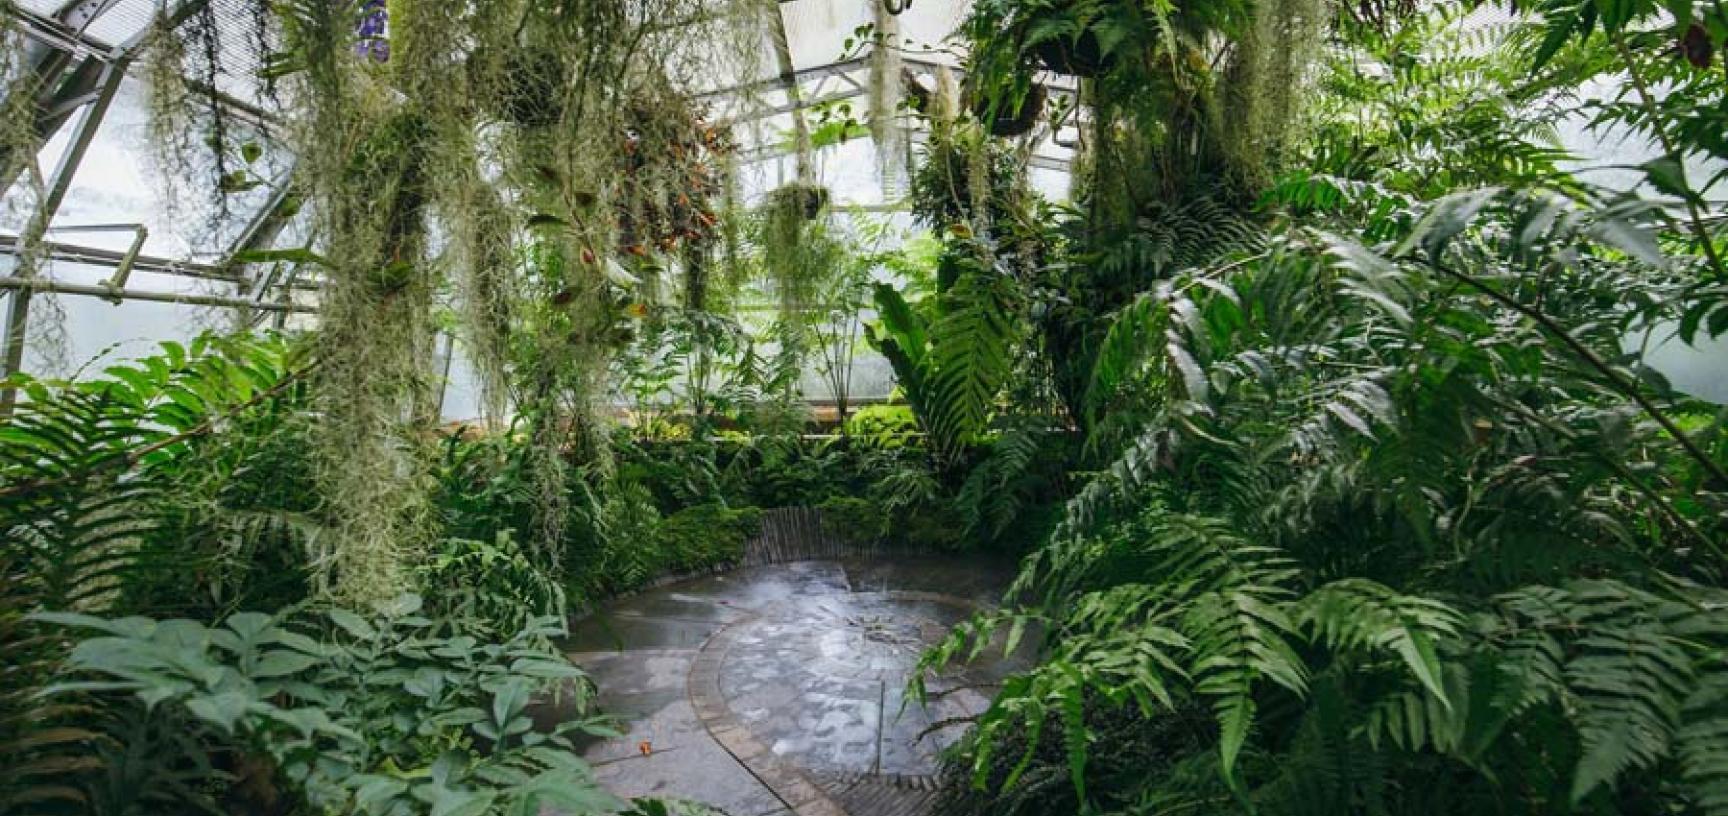 botanicgardensbyianwallman 3530